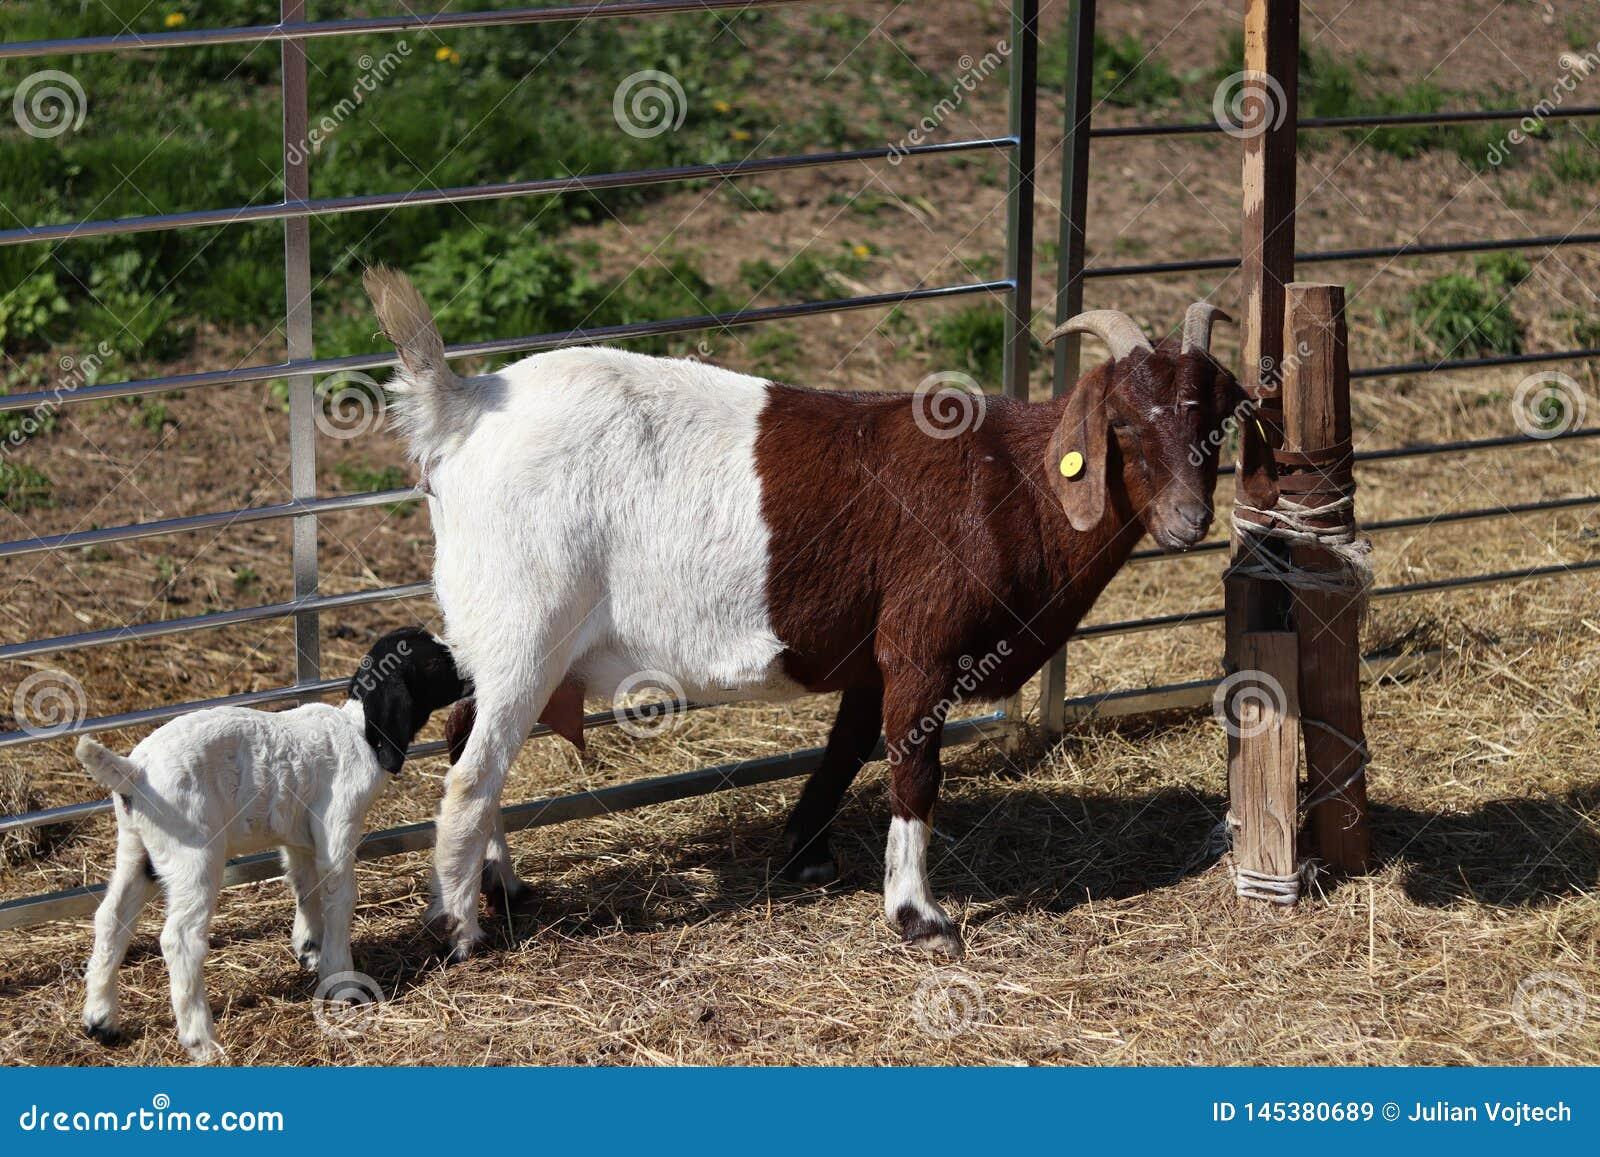 Αίγα με μια μικρή αίγα, πόσιμο γάλα αιγών θηλασμού